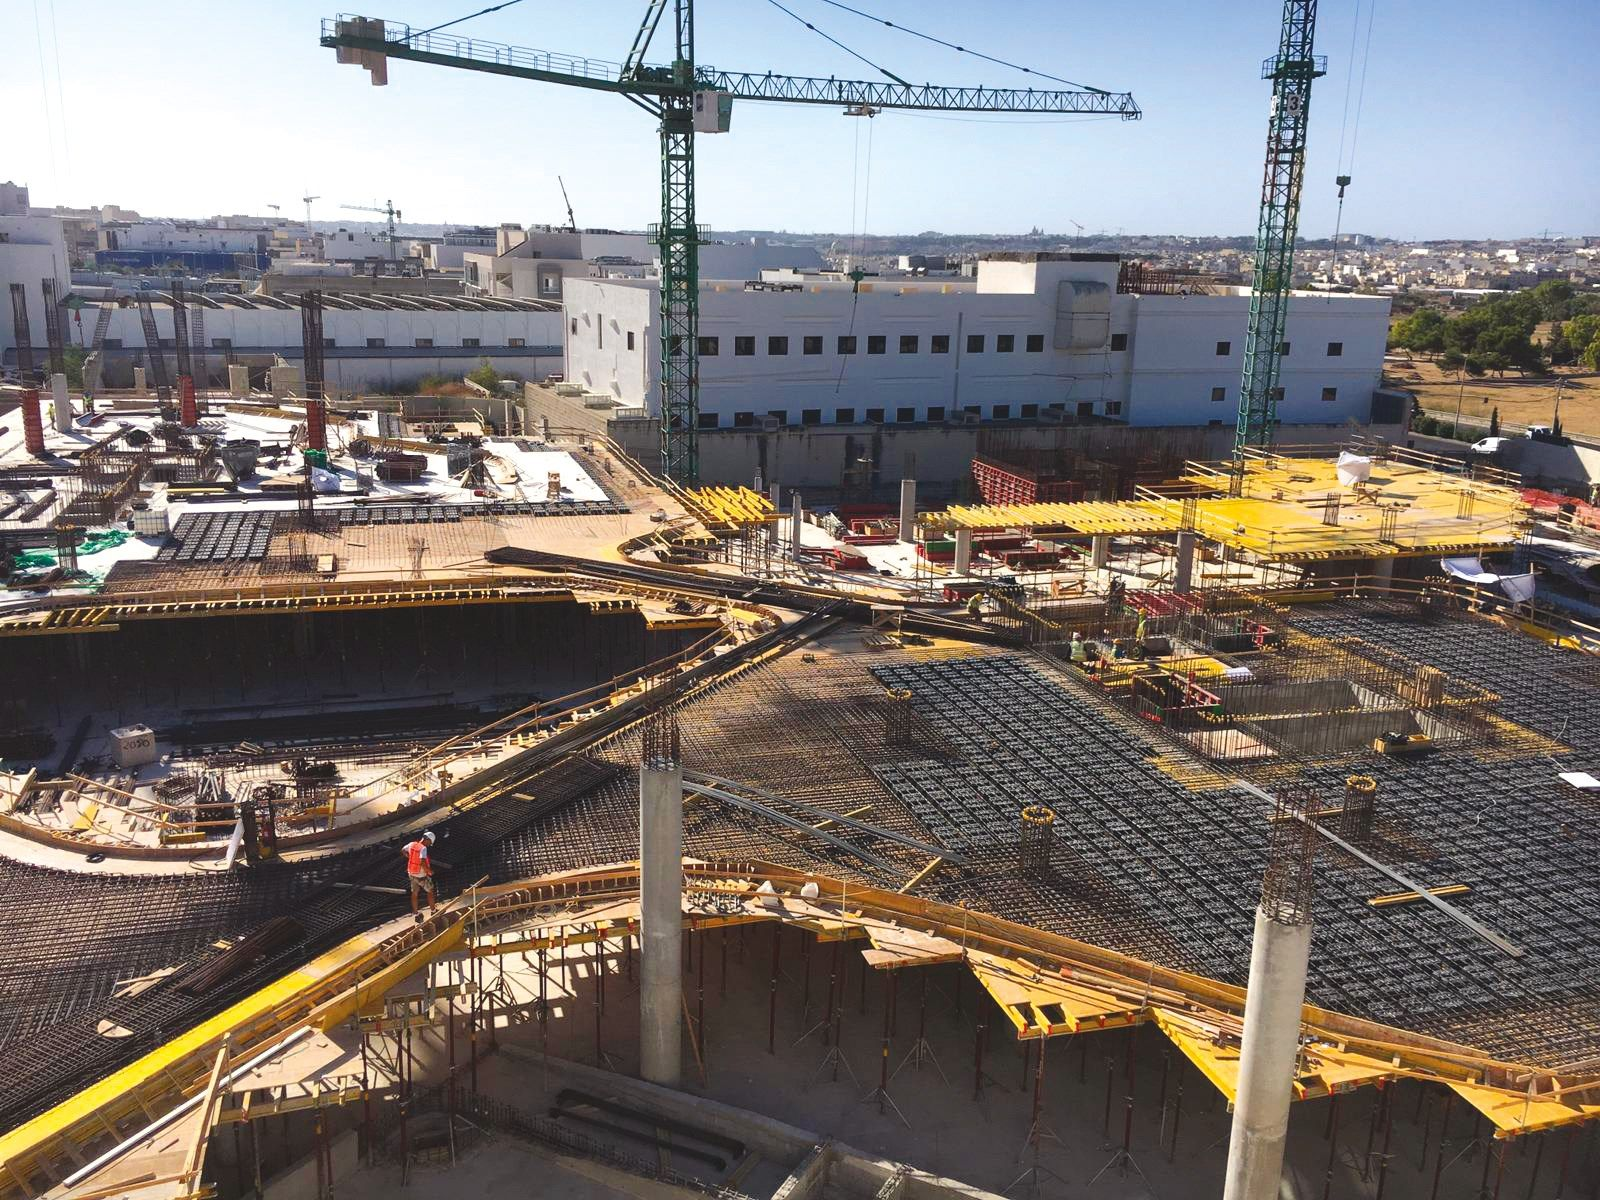 Migliorare la risposta sismica degli edifici con U-Boot Beton di Daliform